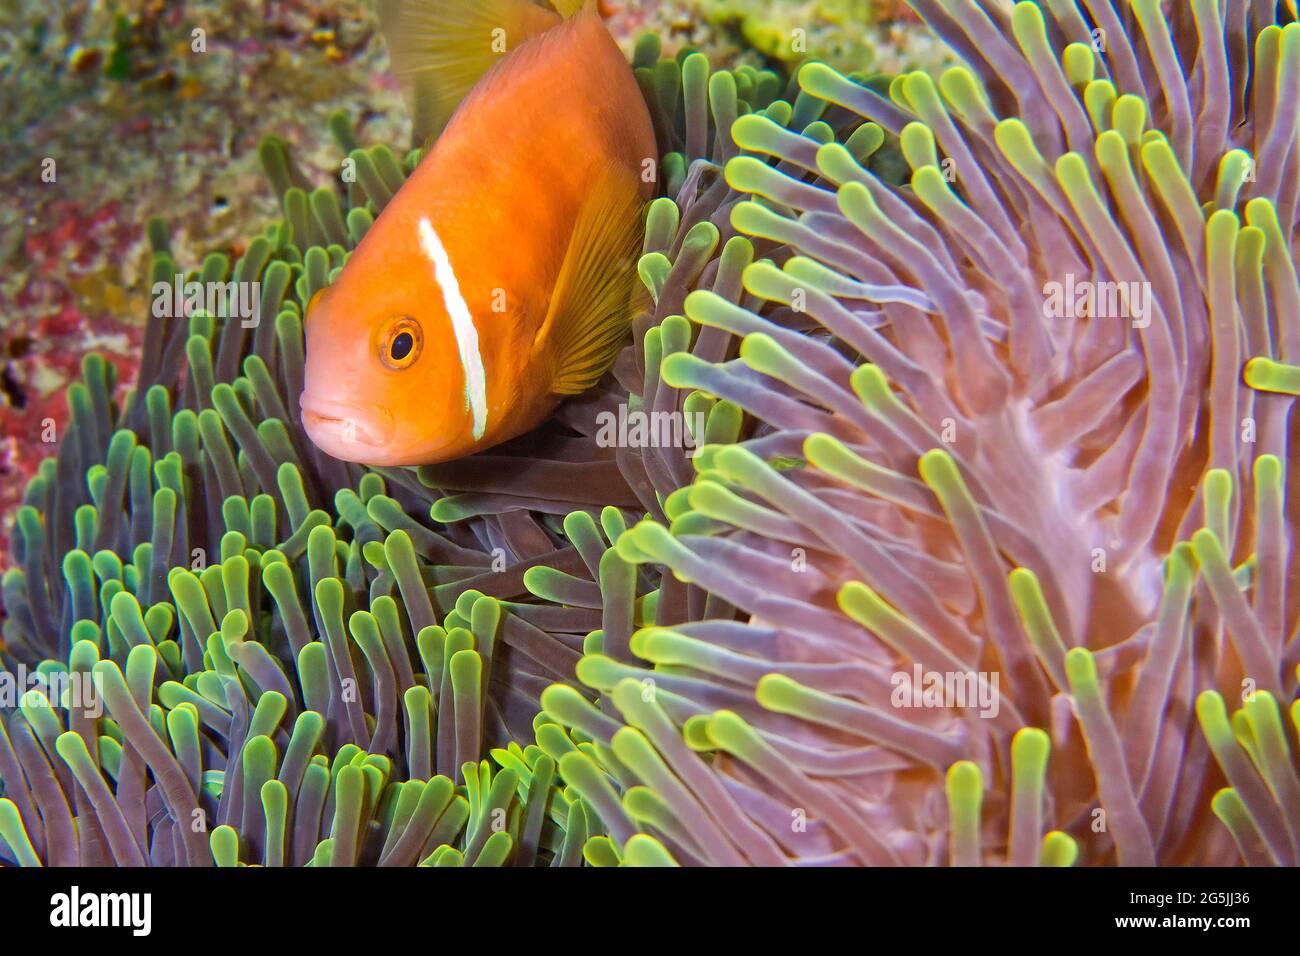 Anemonefish, Anemonefish, Anemone, Anemone, Heteractis magnifica, Arrecife de Coral, Atoll de Ari del Sur, Maldivas, Océano Índico, Asia Foto de stock